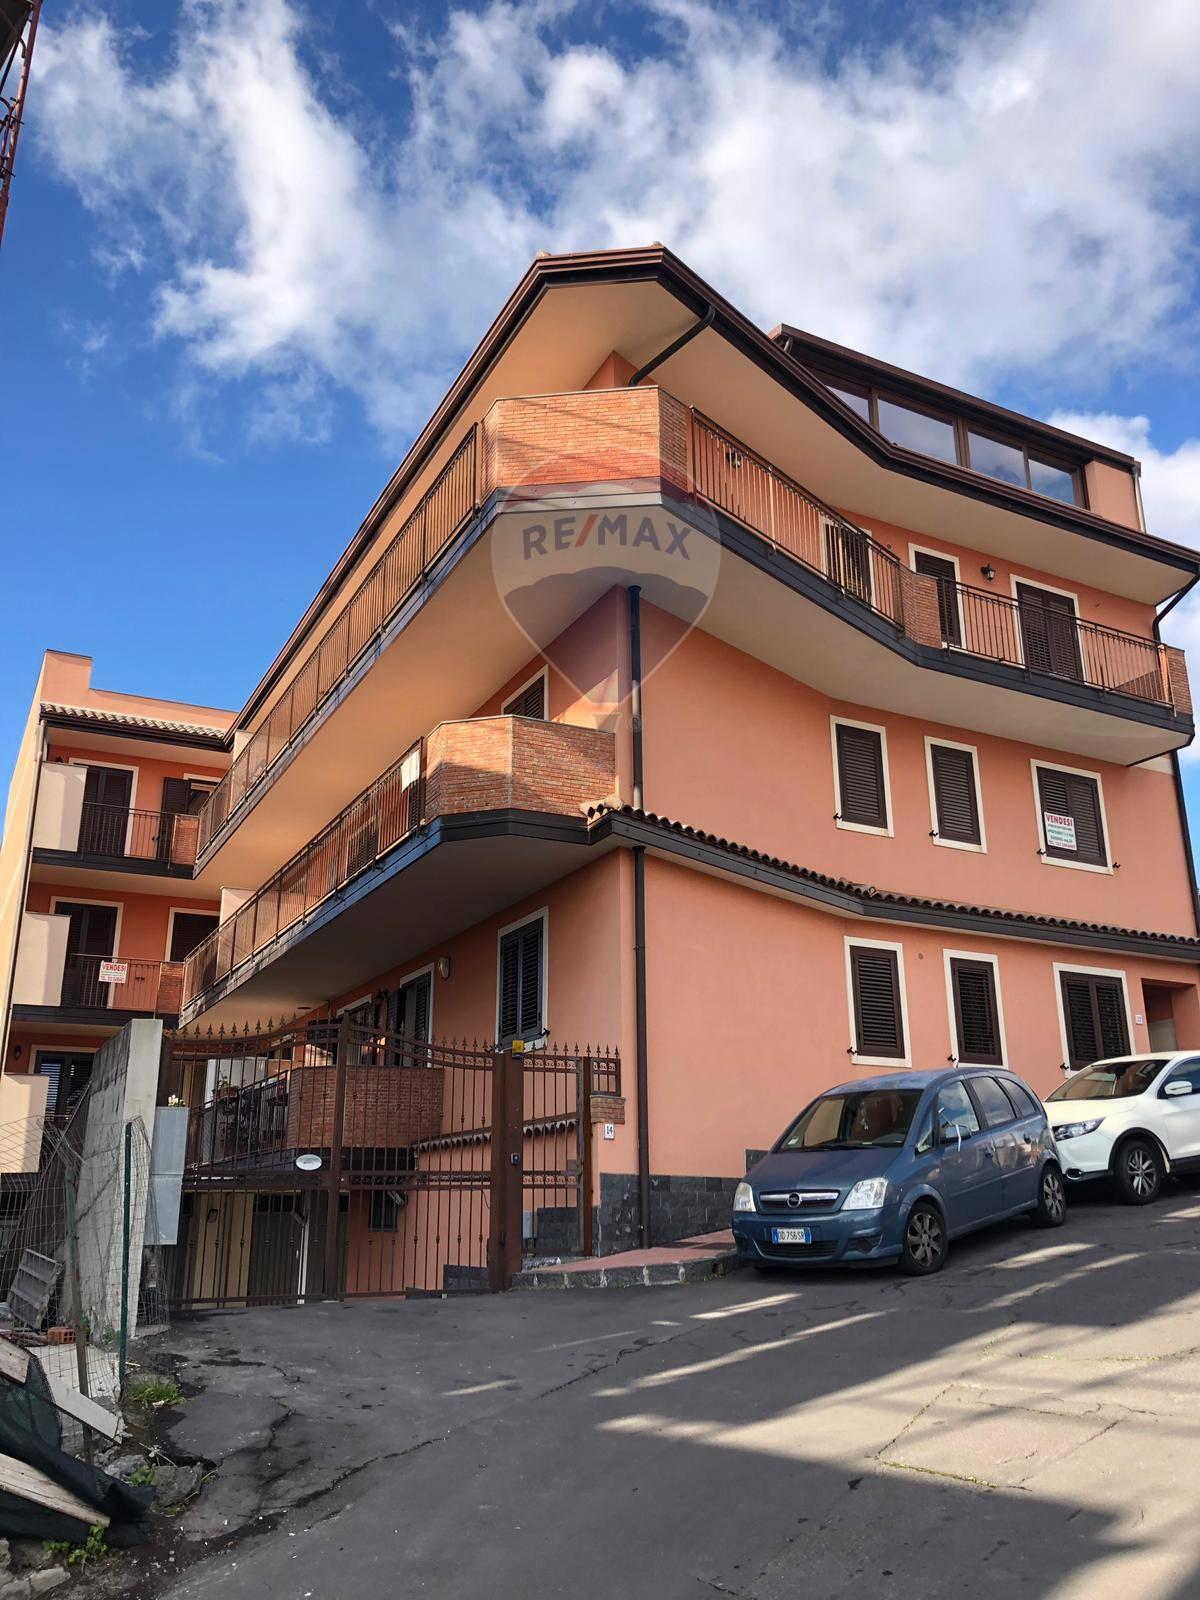 camporotondo etneo vendita quart:  re/max city home